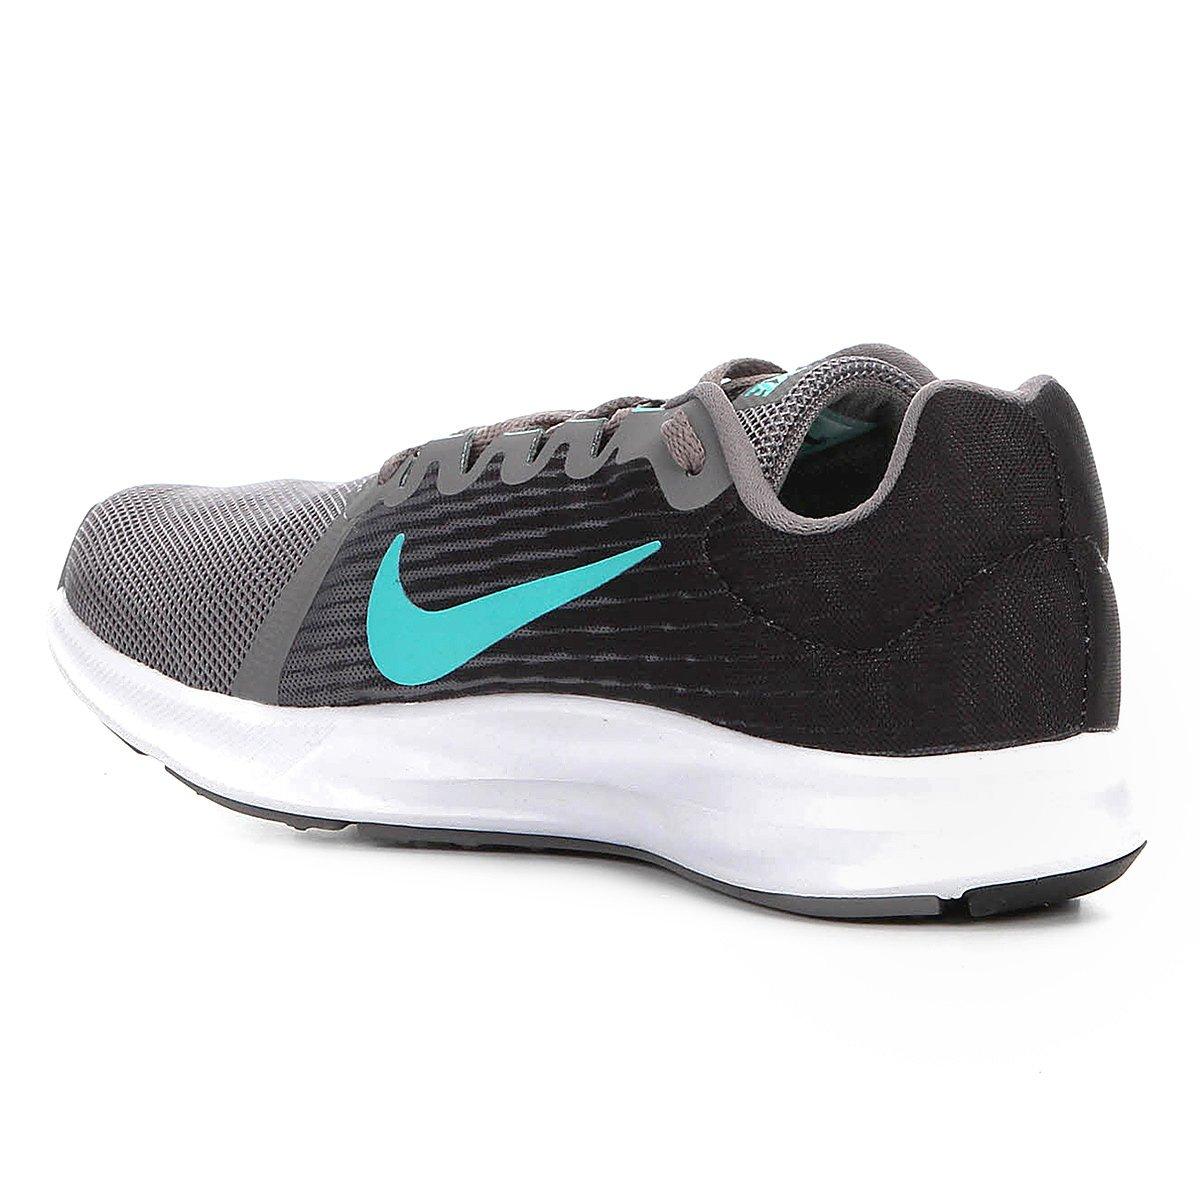 Tênis Nike Wmns Downshifter 8 Feminino - Preto e Cinza - Compre ... 6fe02820046f2